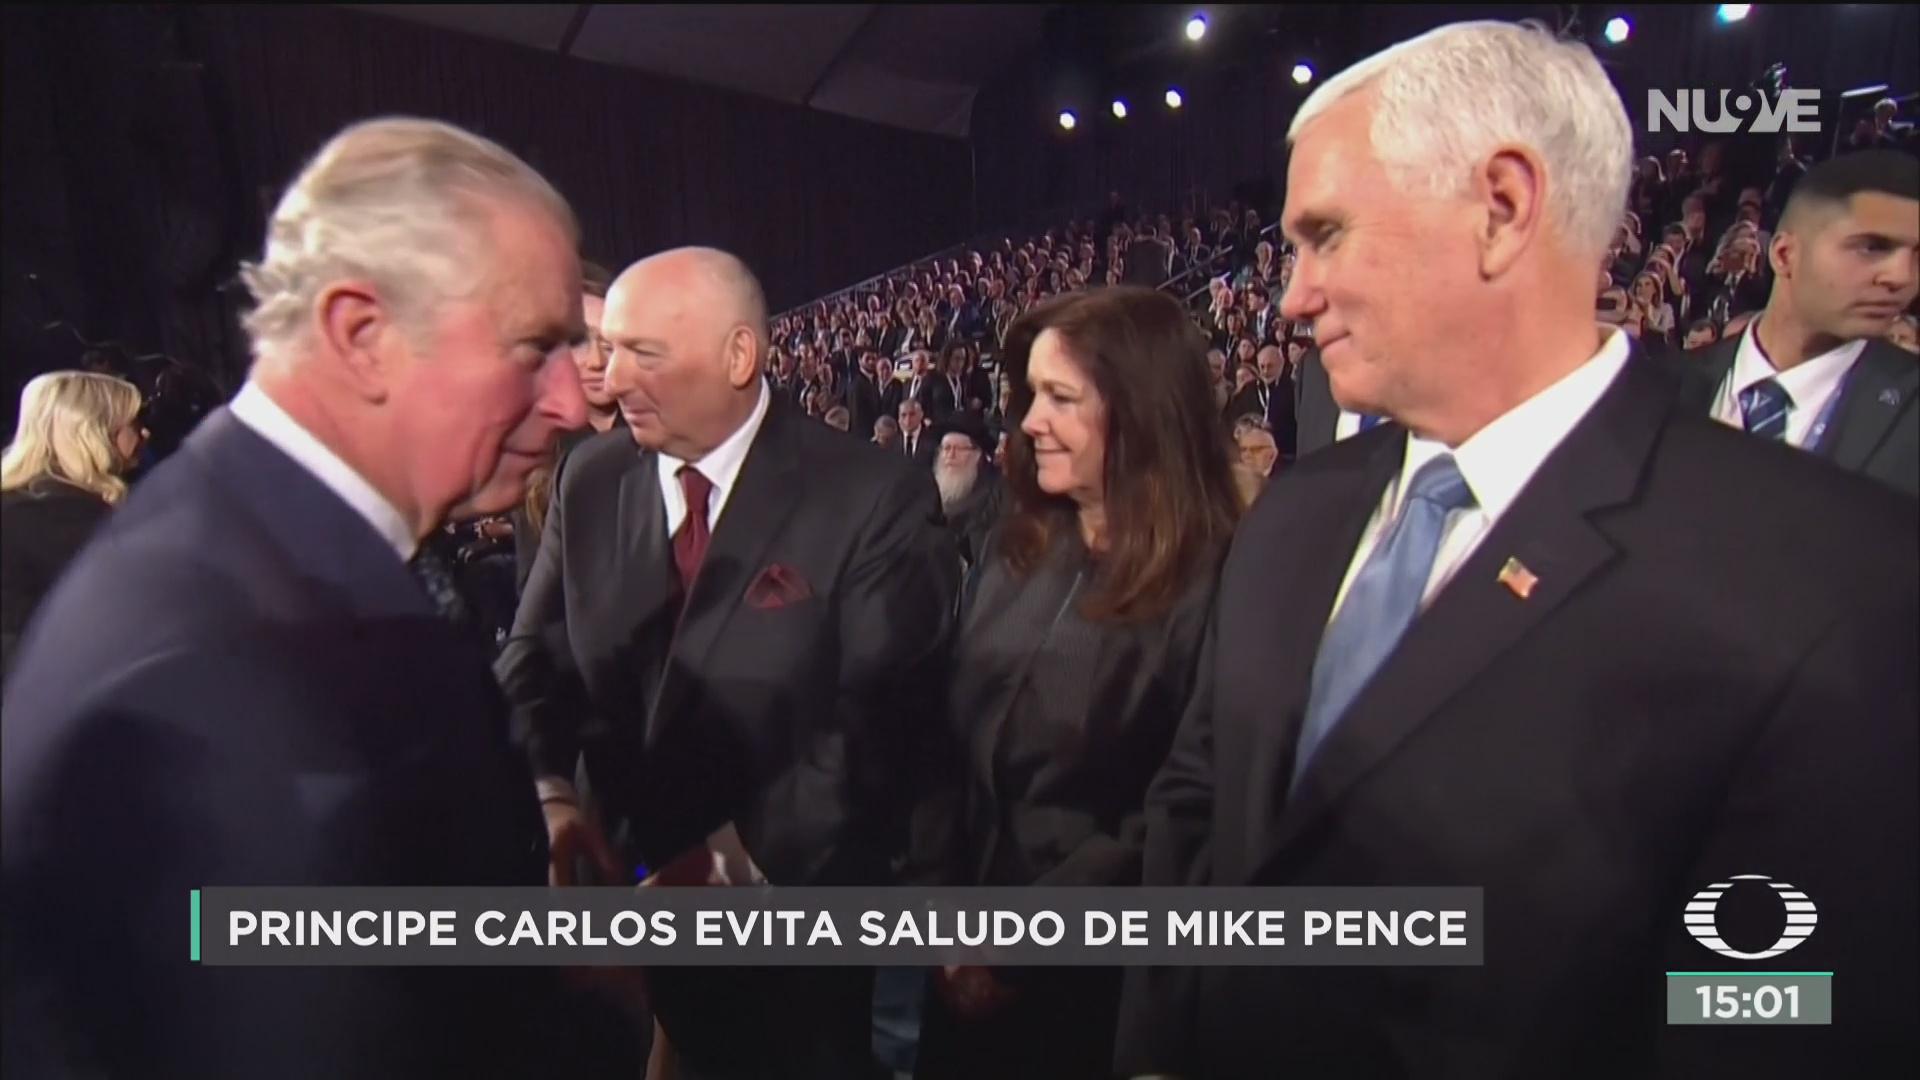 FOTO: principe carlos evita saludo de mike pence